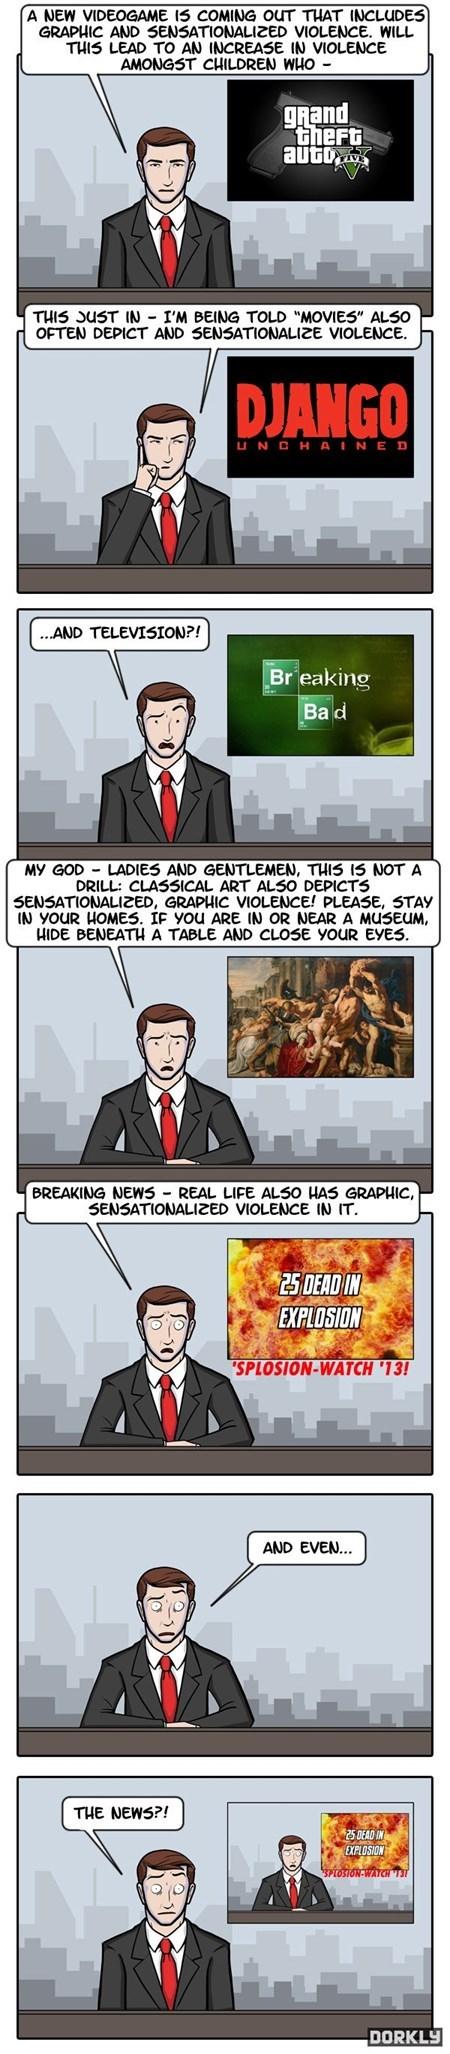 news Videogames violences funny web comics - 7809618688